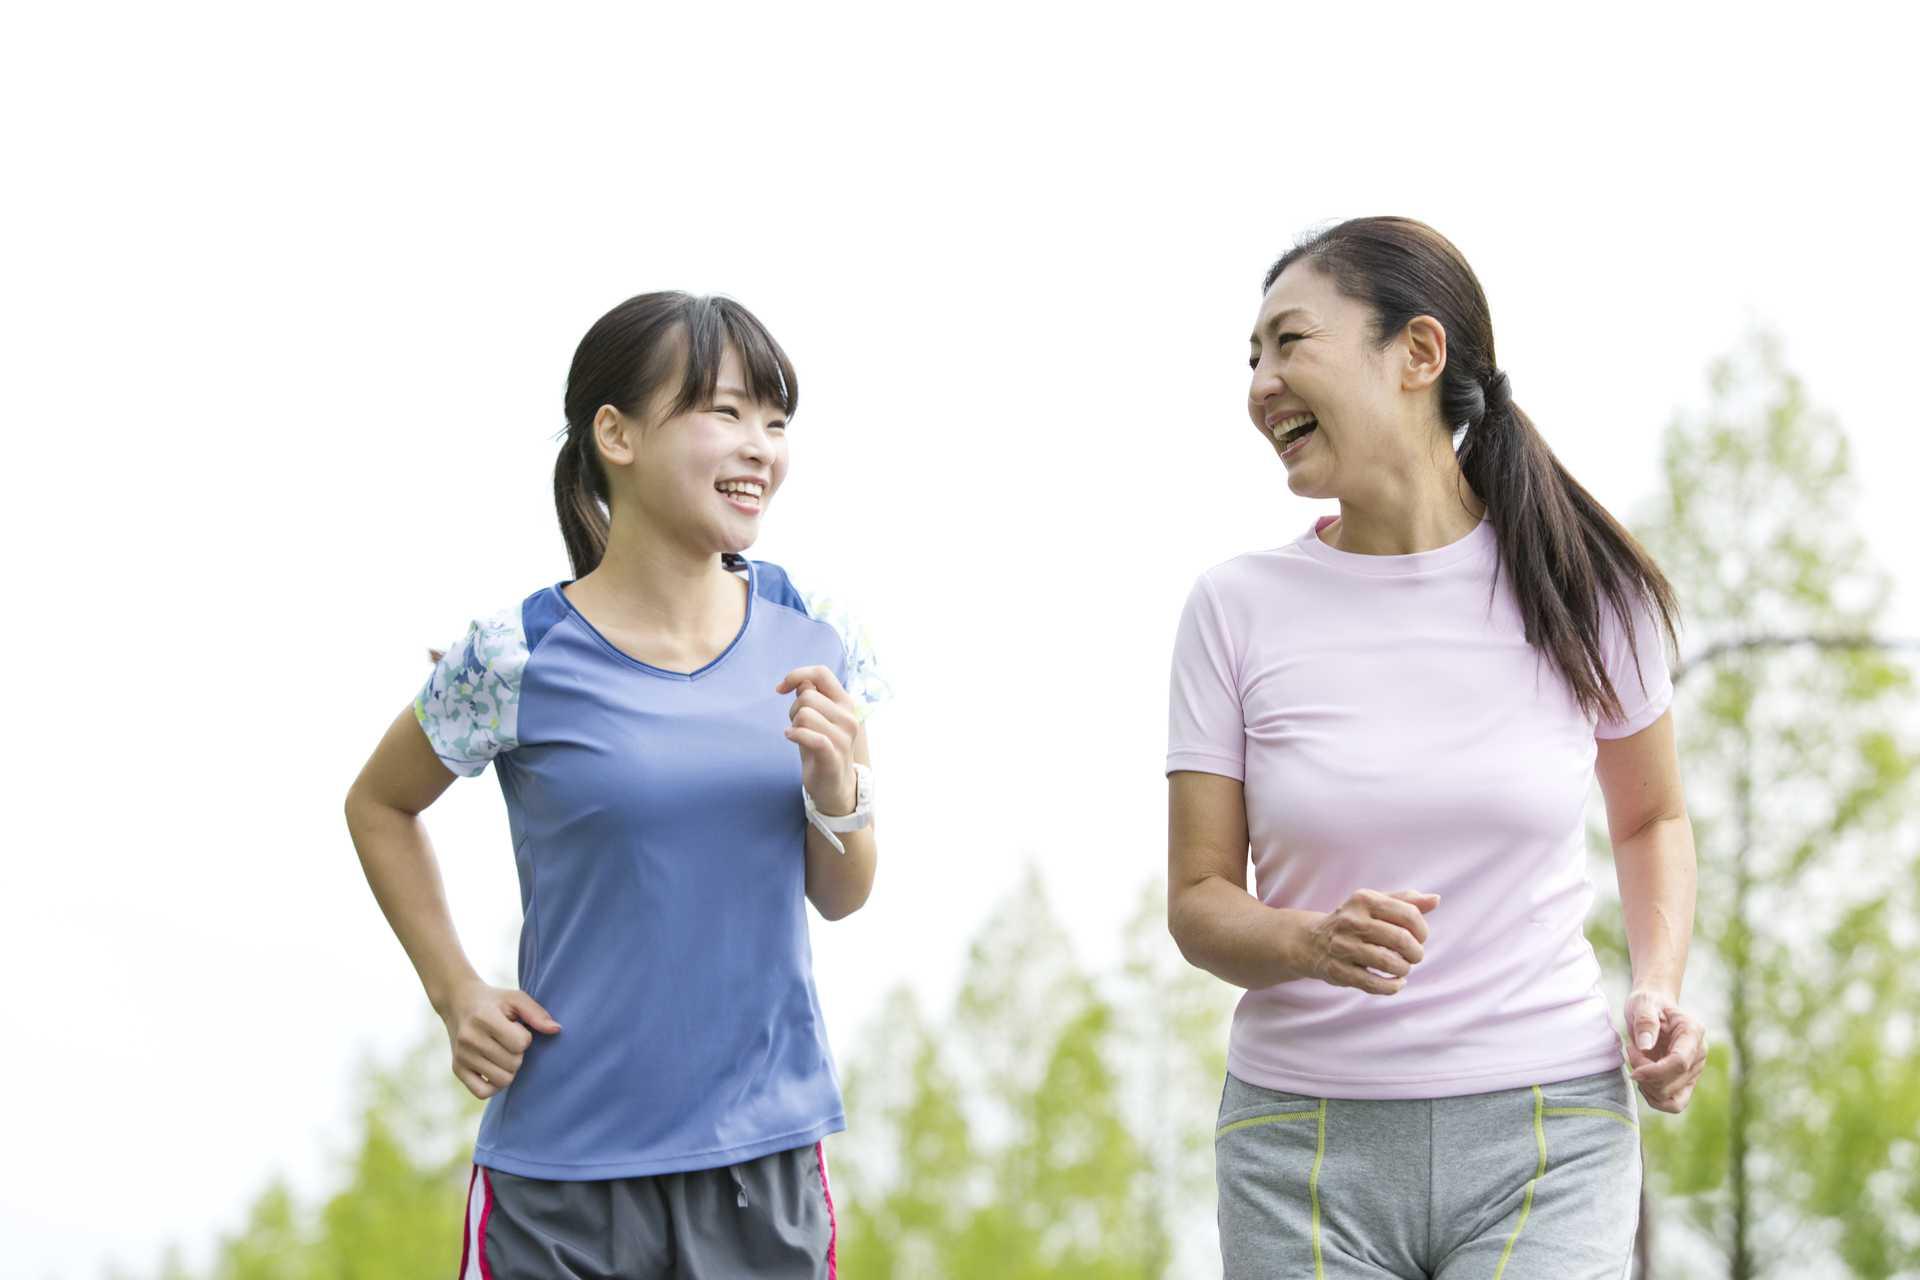 睡眠時間はためられないが、歩いた歩数ならためることができる。 | 健康のためになる30の散歩術